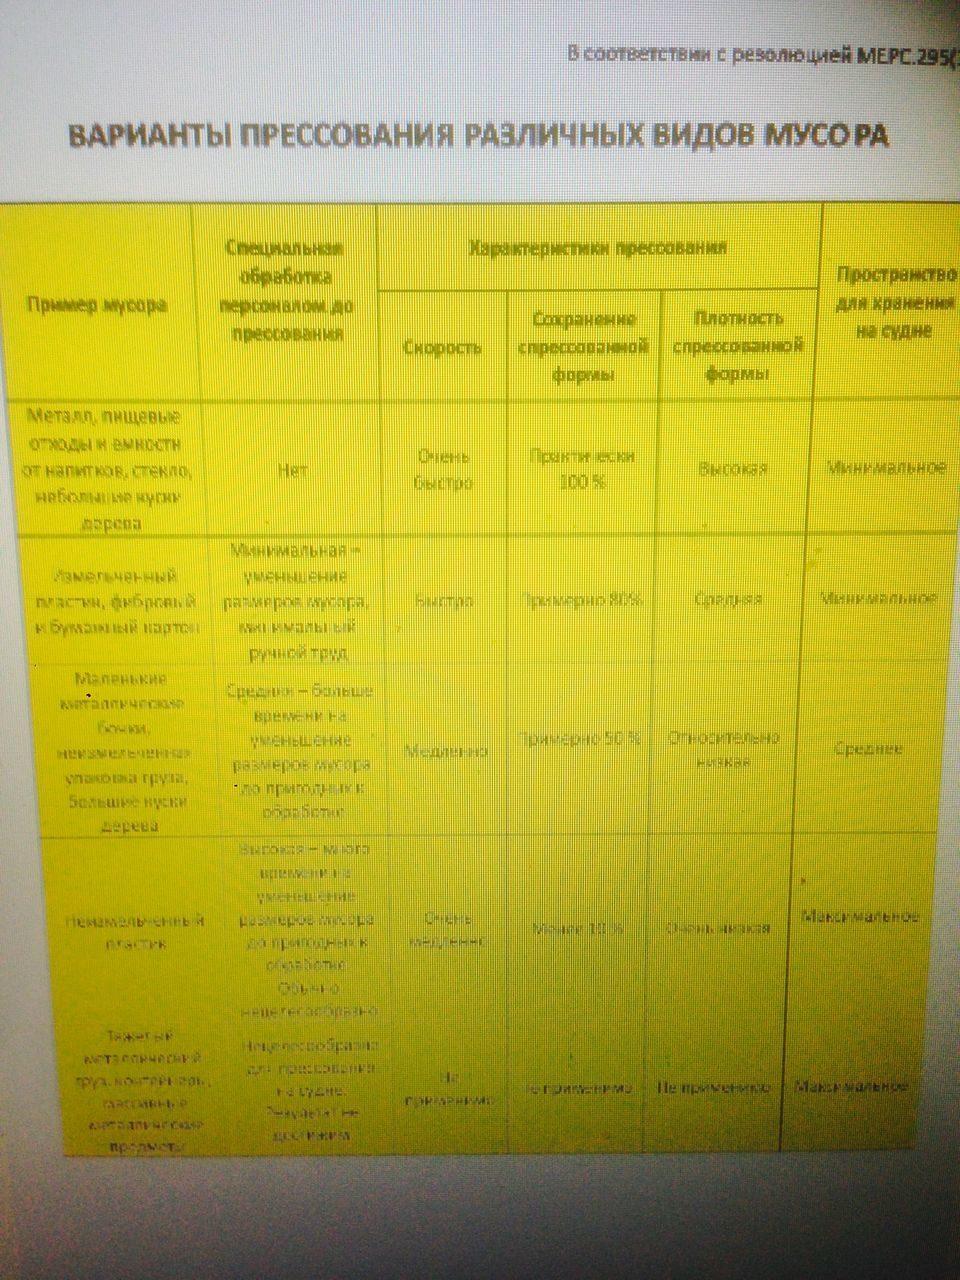 Кромогексал — инструкция по применению, аналоги, отзывы и формы выпуска (спрей назальный и капли глазные 2 %, раствор для ингаляции) лекарства для лечения конъюнктивита и других проявлений аллергии у взрослых, детей и при беременности